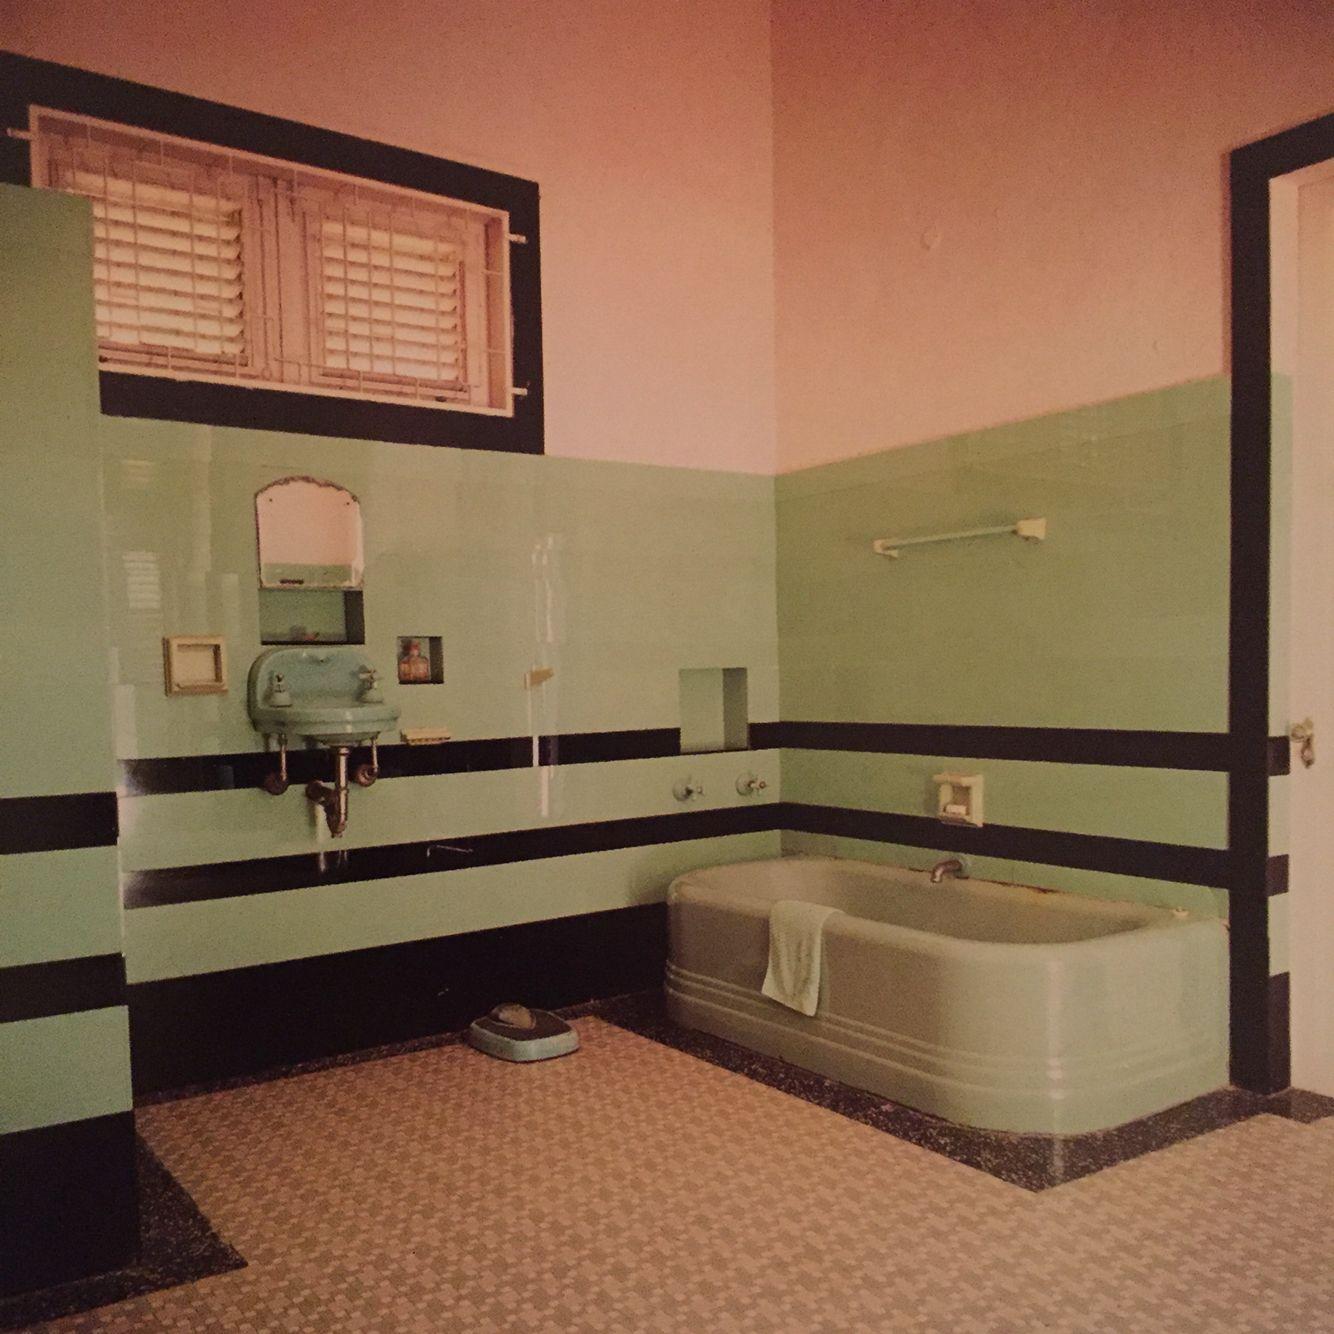 een badkamer uitgevoerd in de voor de jaren twintig typerende art deco stijl zeegroen sanitair